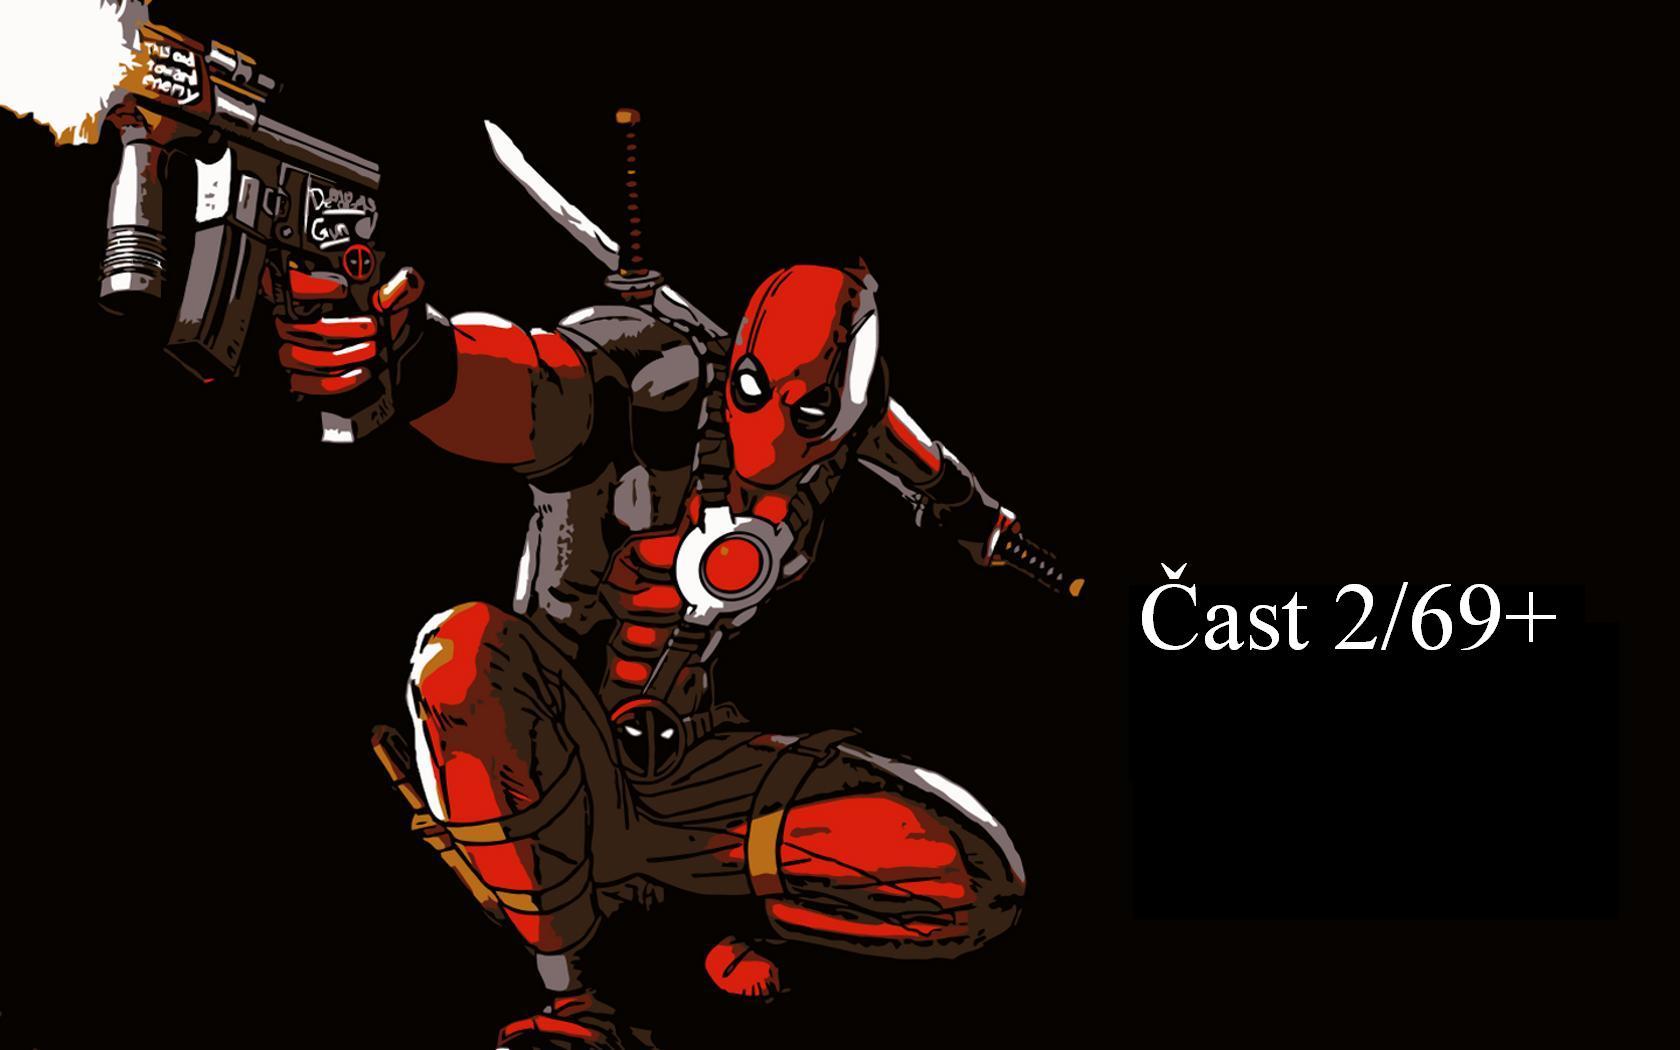 Deadpool comics časť 2/69+